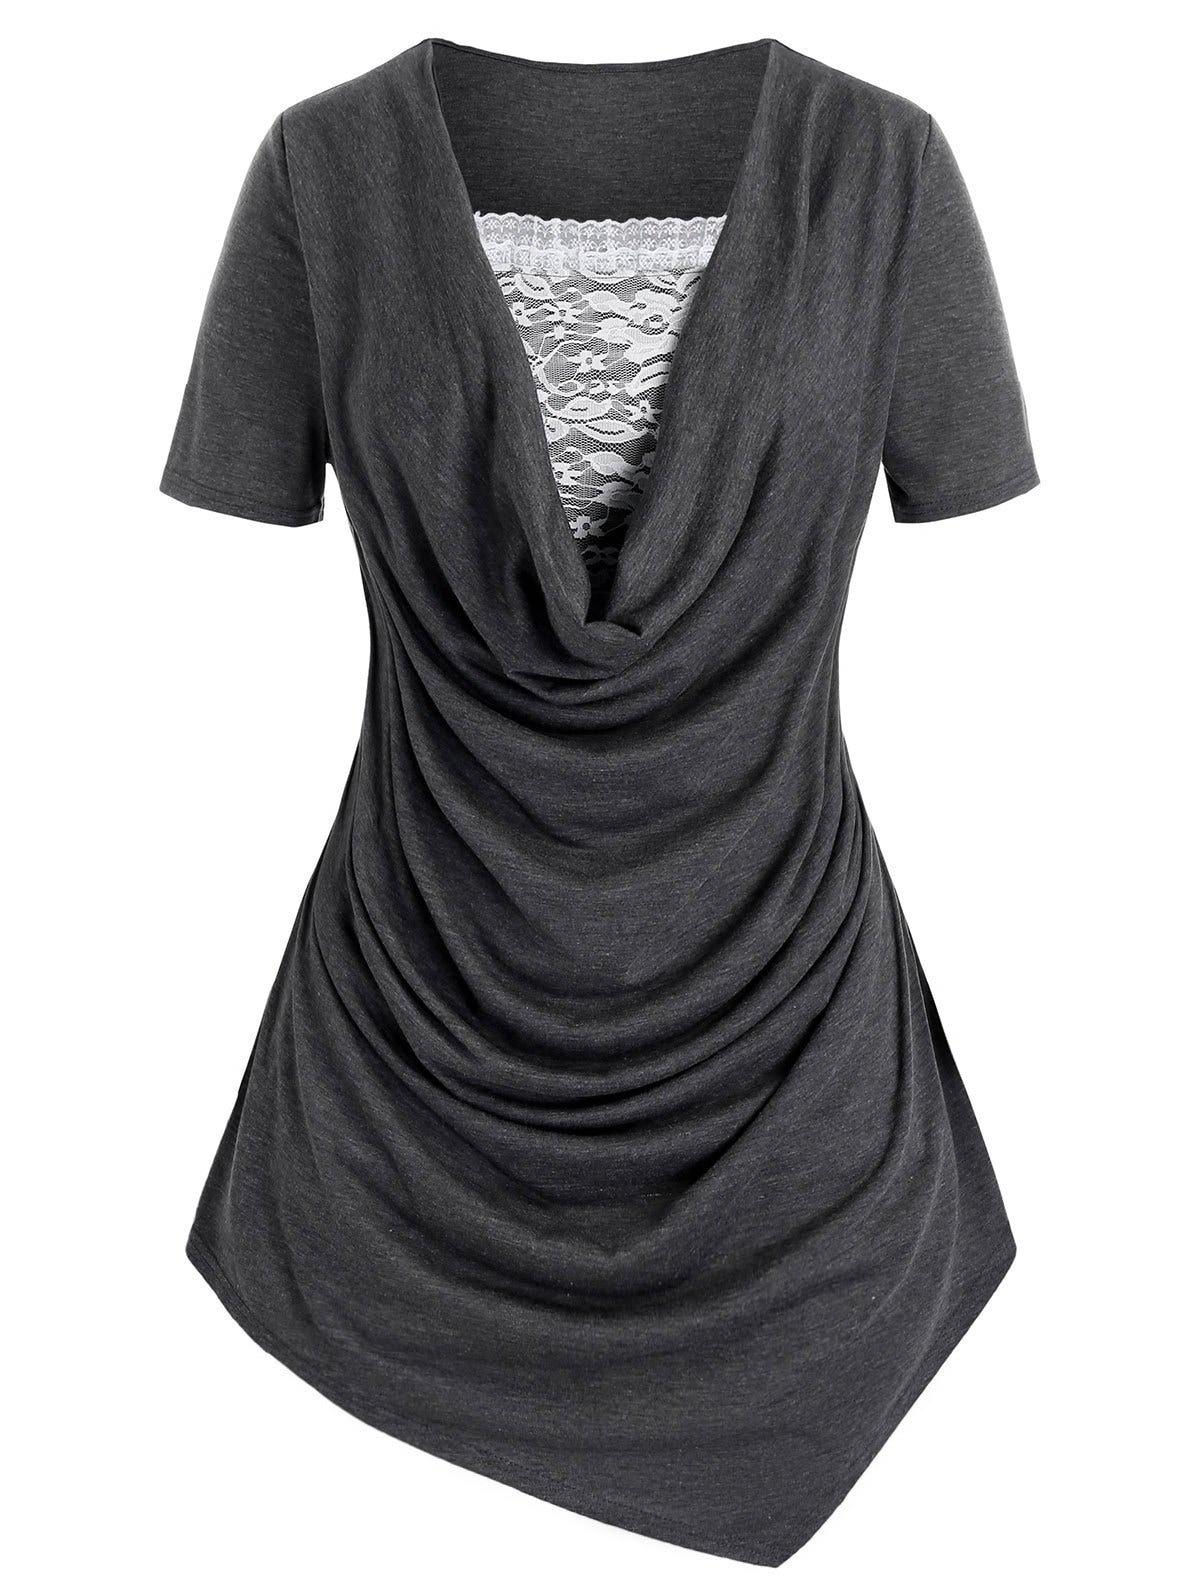 Plus Size Cowl Neck Lace Insert Asymmetric T Shirt